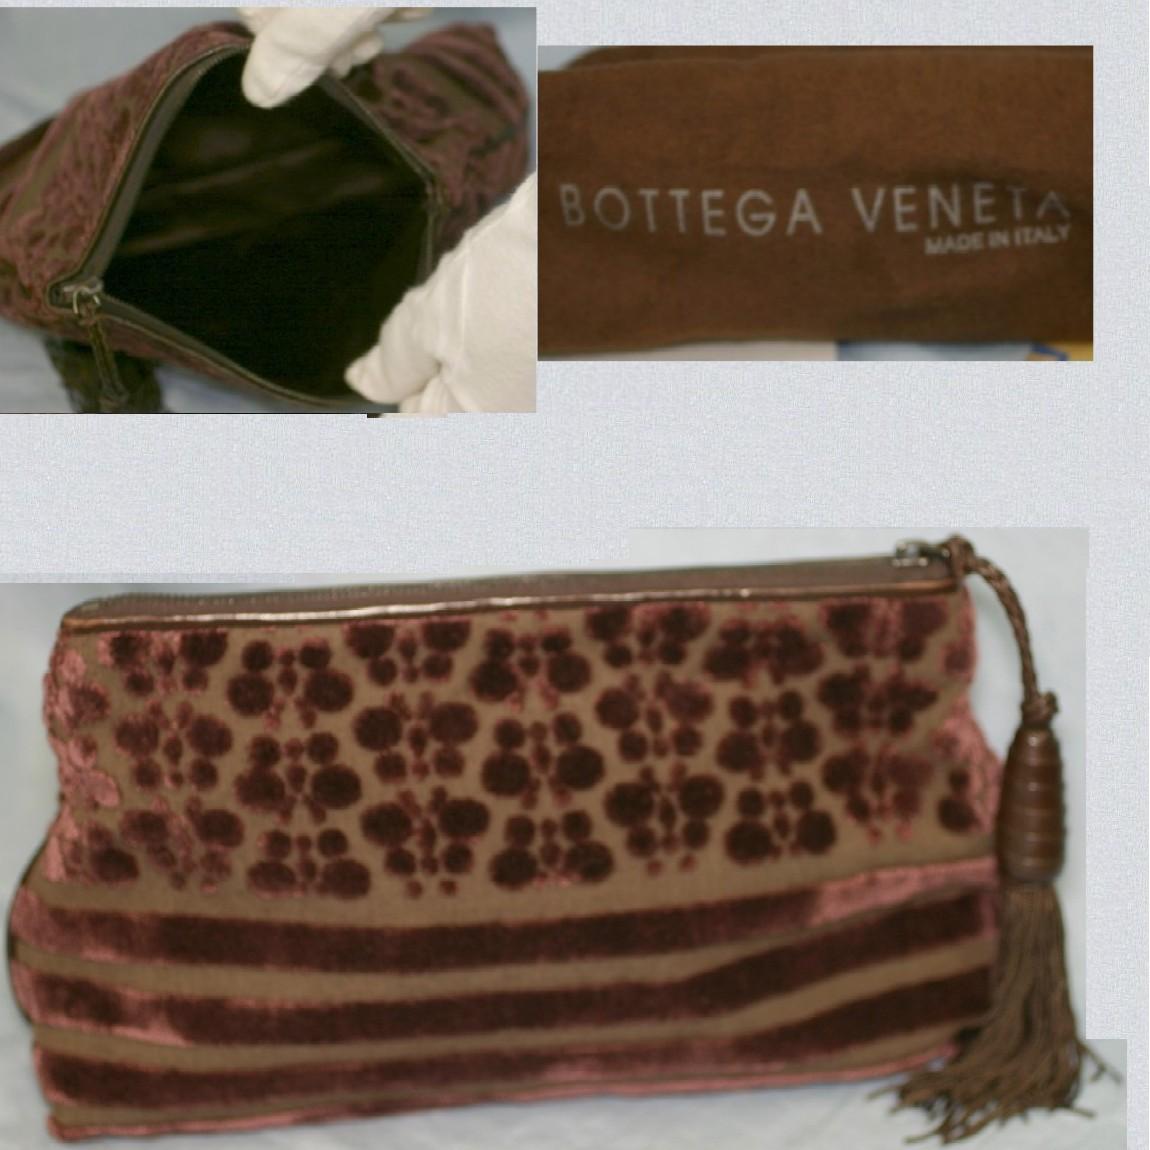 【中古】本物抜群に綺麗ボッテガヴェネタ女性用台形23センチ焦げ茶可愛いパッチワークが全体に付いたポーチ